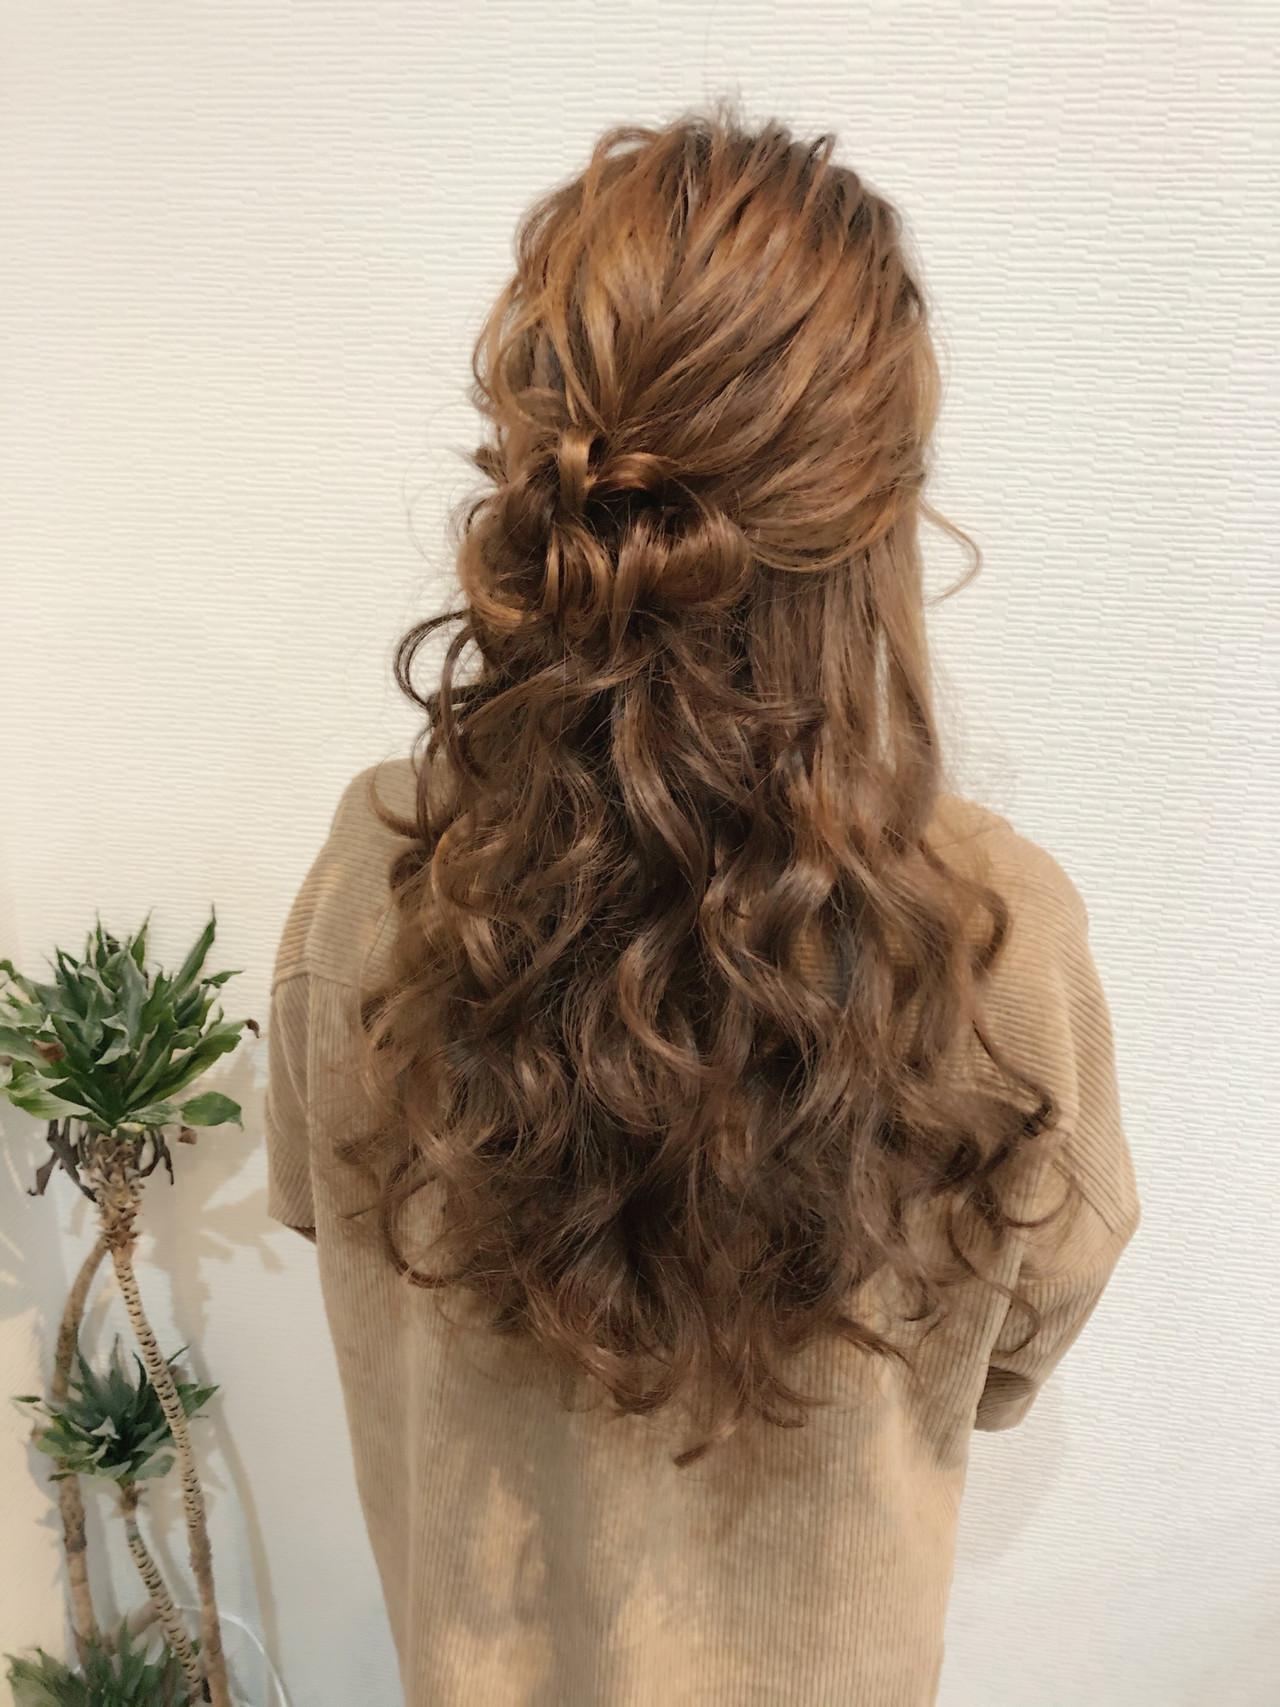 ヘアセット ヘアアレンジ お団子アレンジ ロング ヘアスタイルや髪型の写真・画像